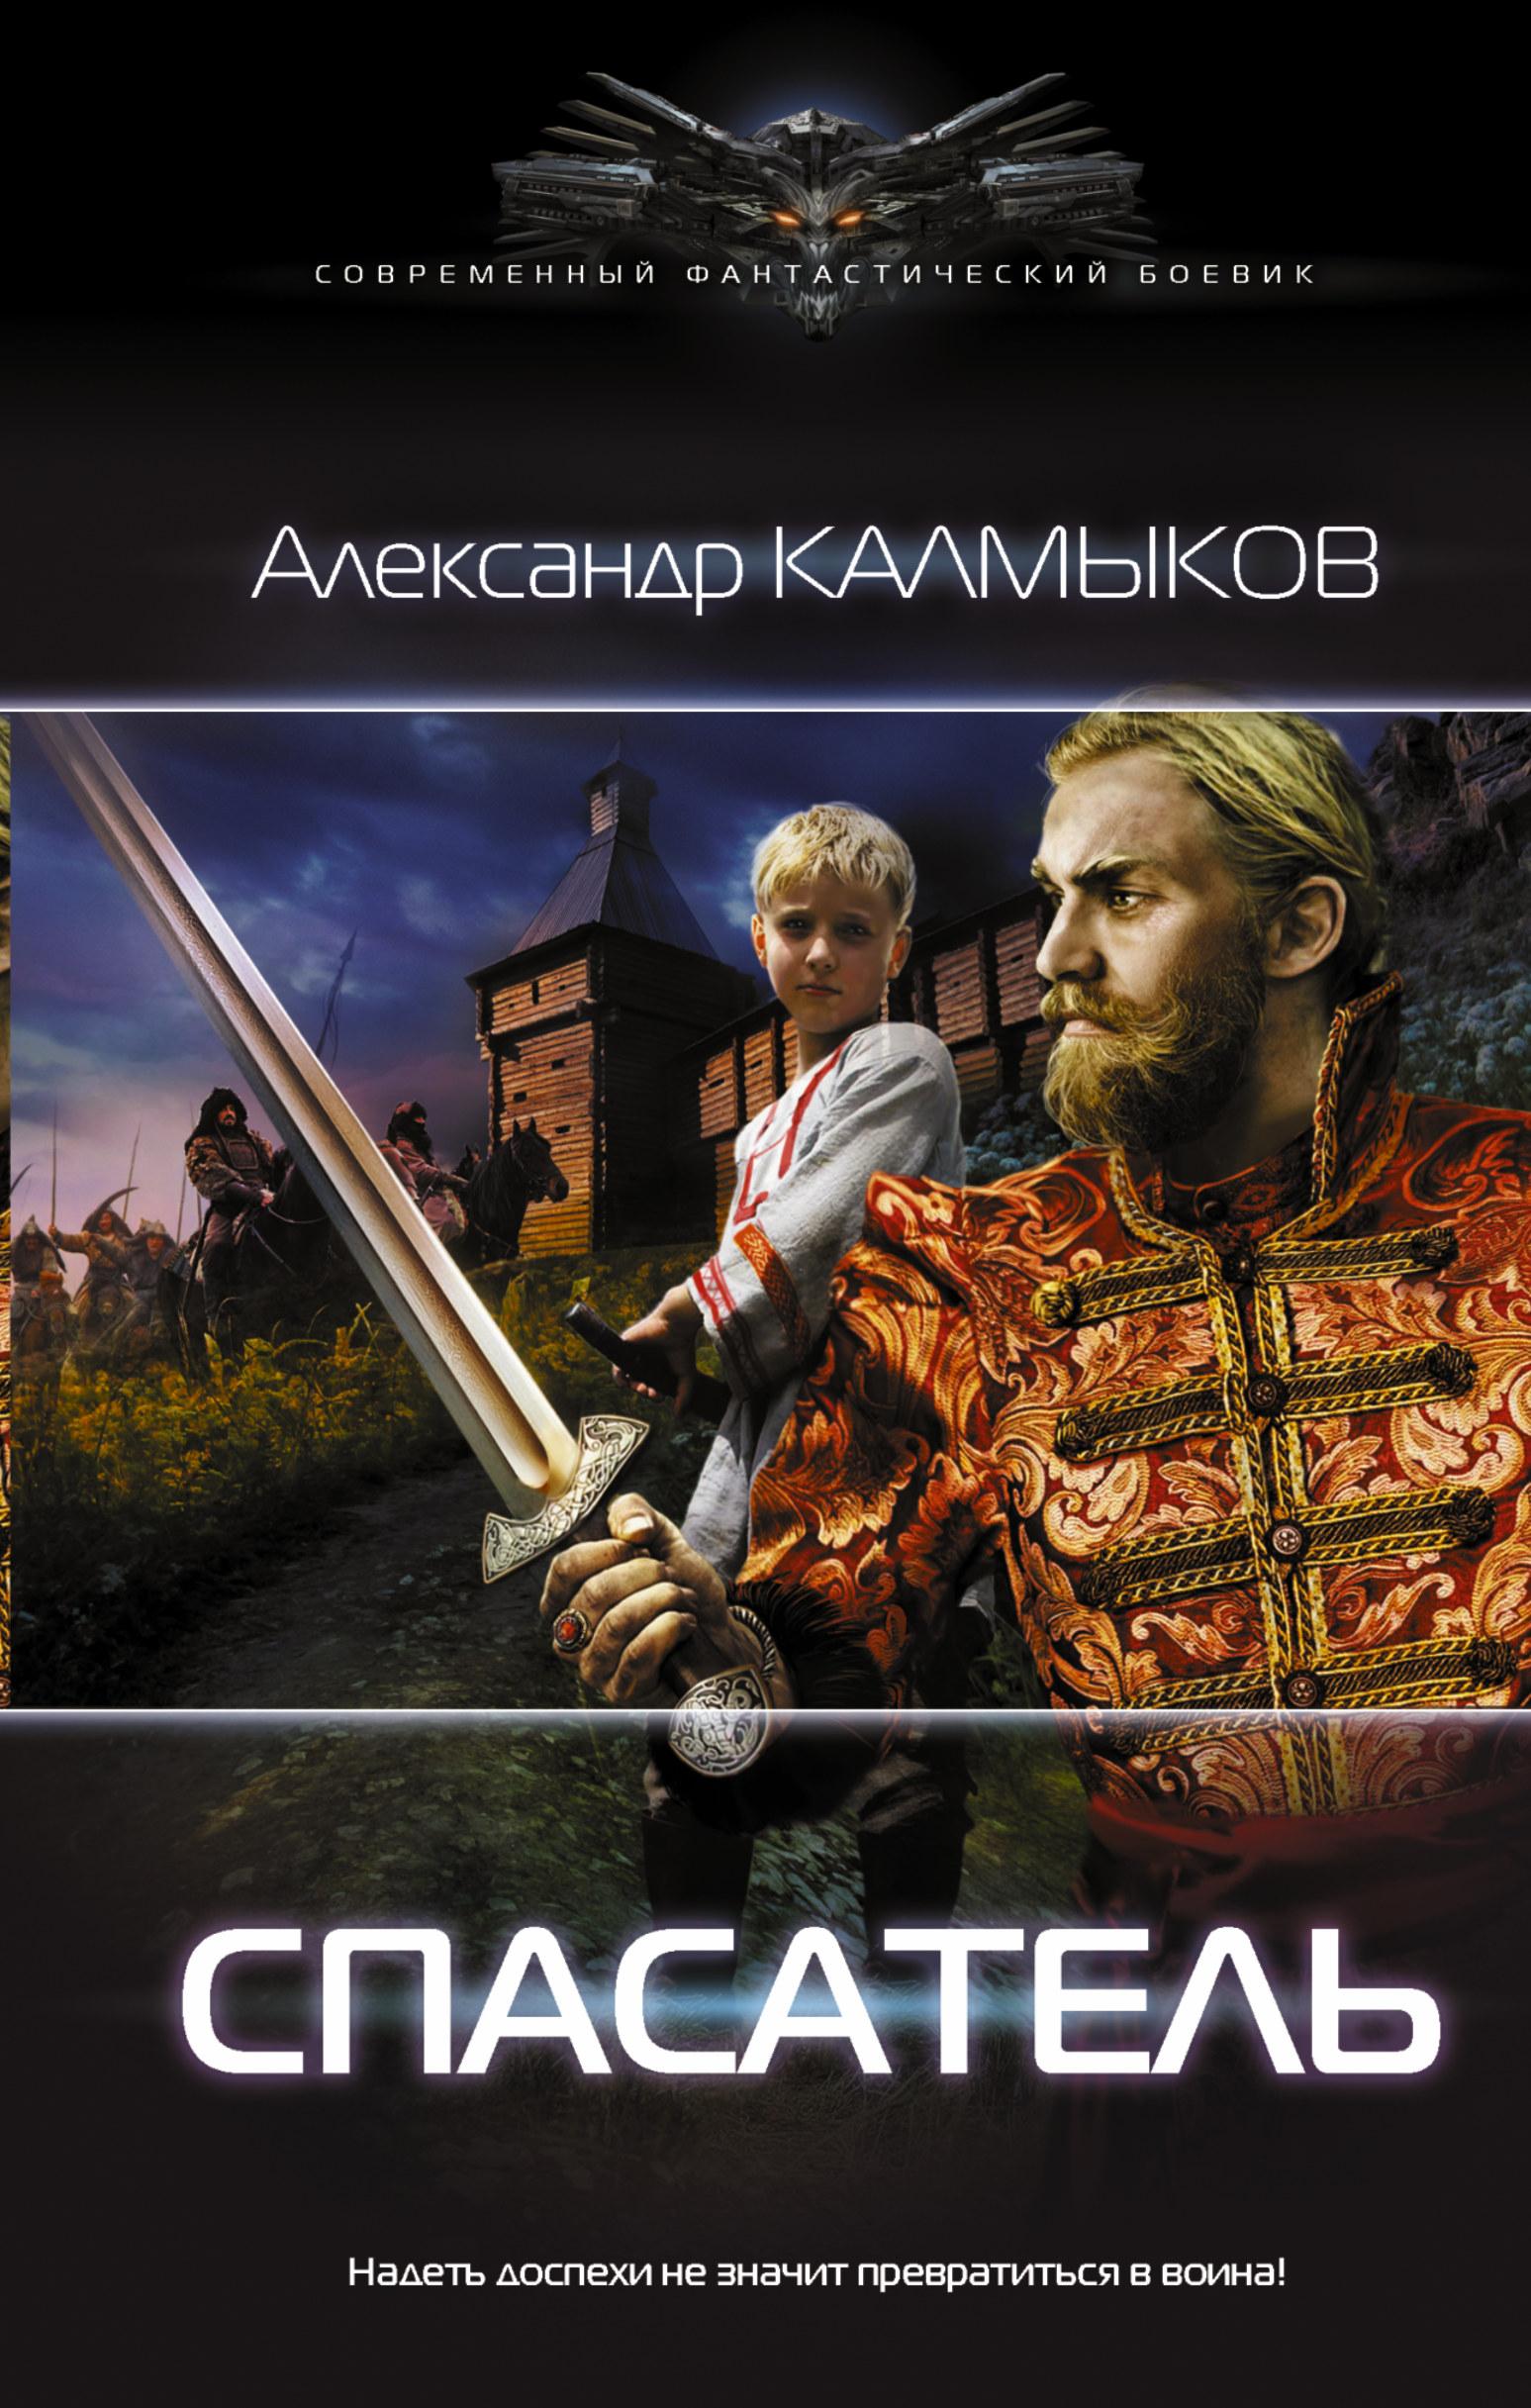 Калмыков А.В. Спасатель нашествие дни и ночи